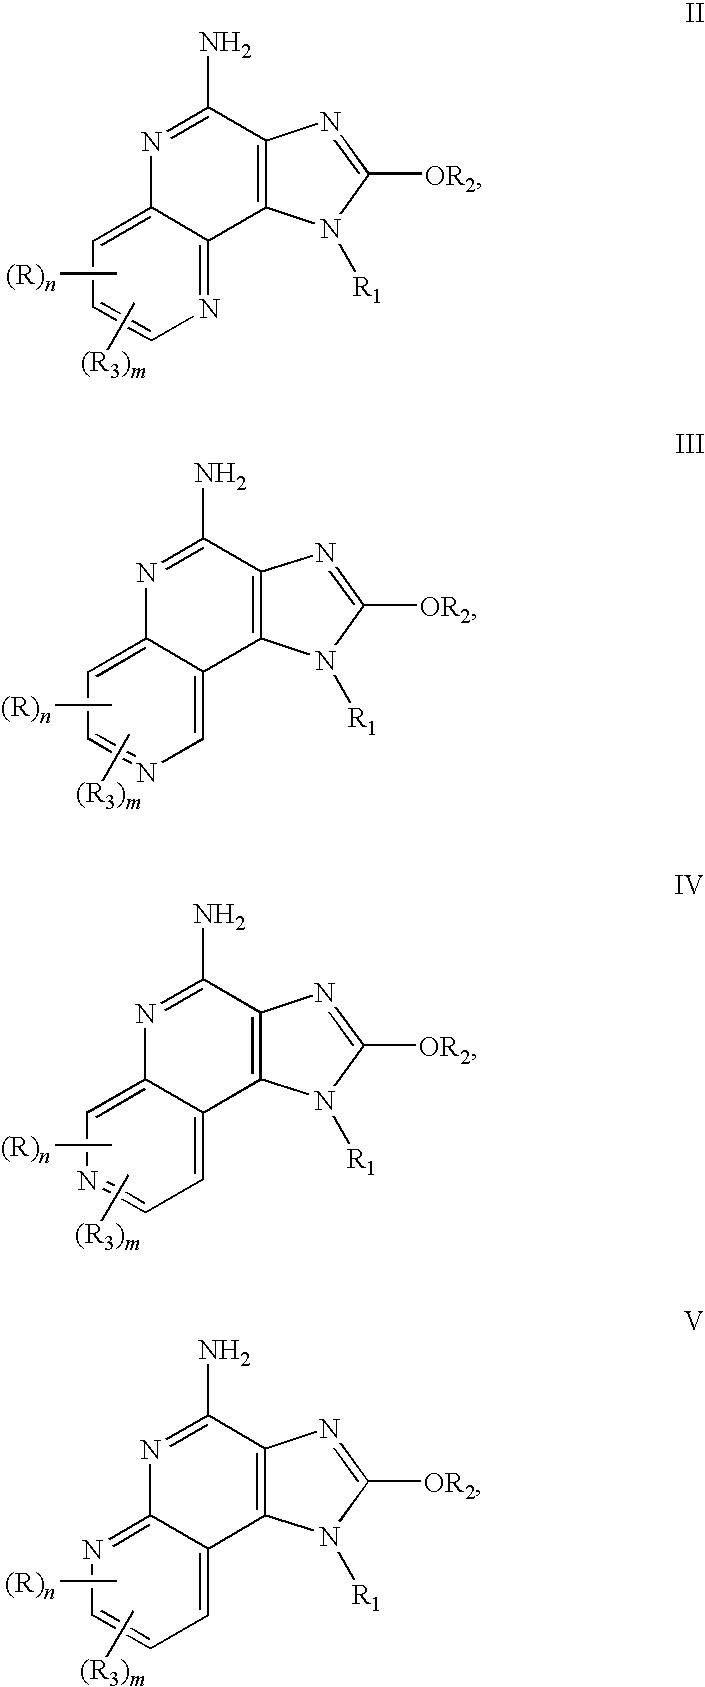 Figure US20090298821A1-20091203-C00103